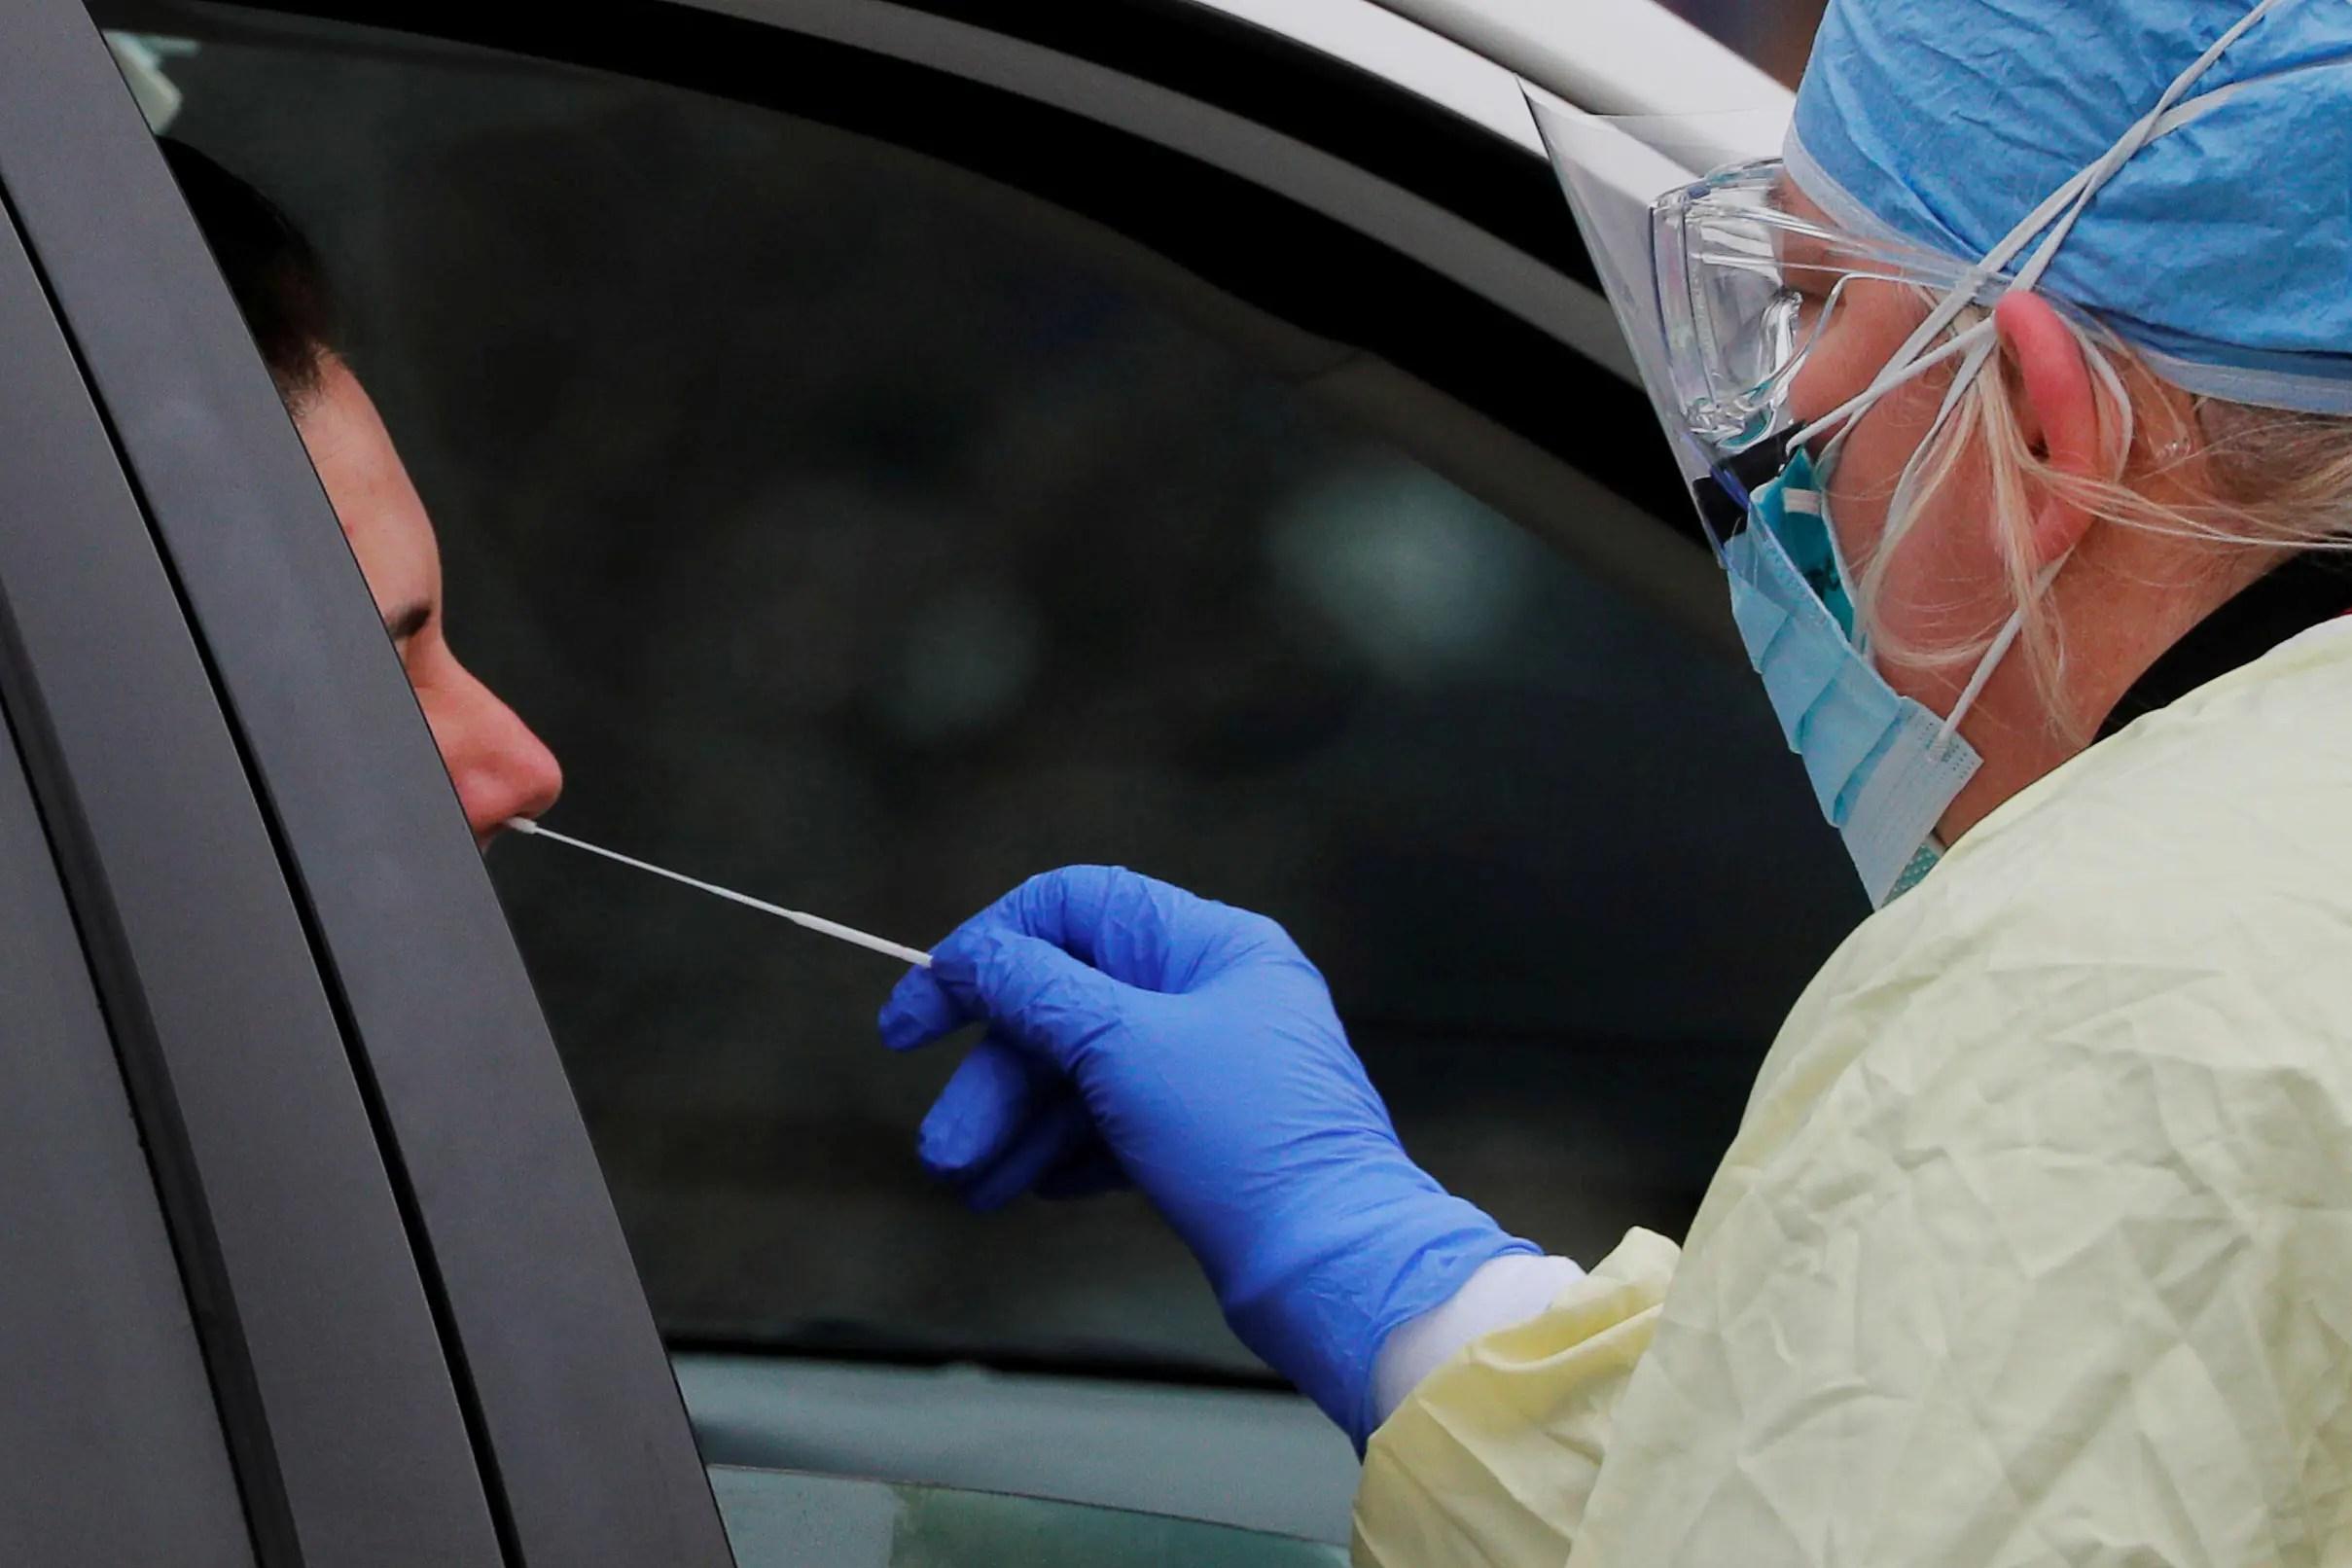 أحد العاملين بالرعاية الصحية يحصل على عينة لتحليلها في ميدفورد بولاية ماساشوستس الأميركية يوم 4 أبريل (من رويترز)